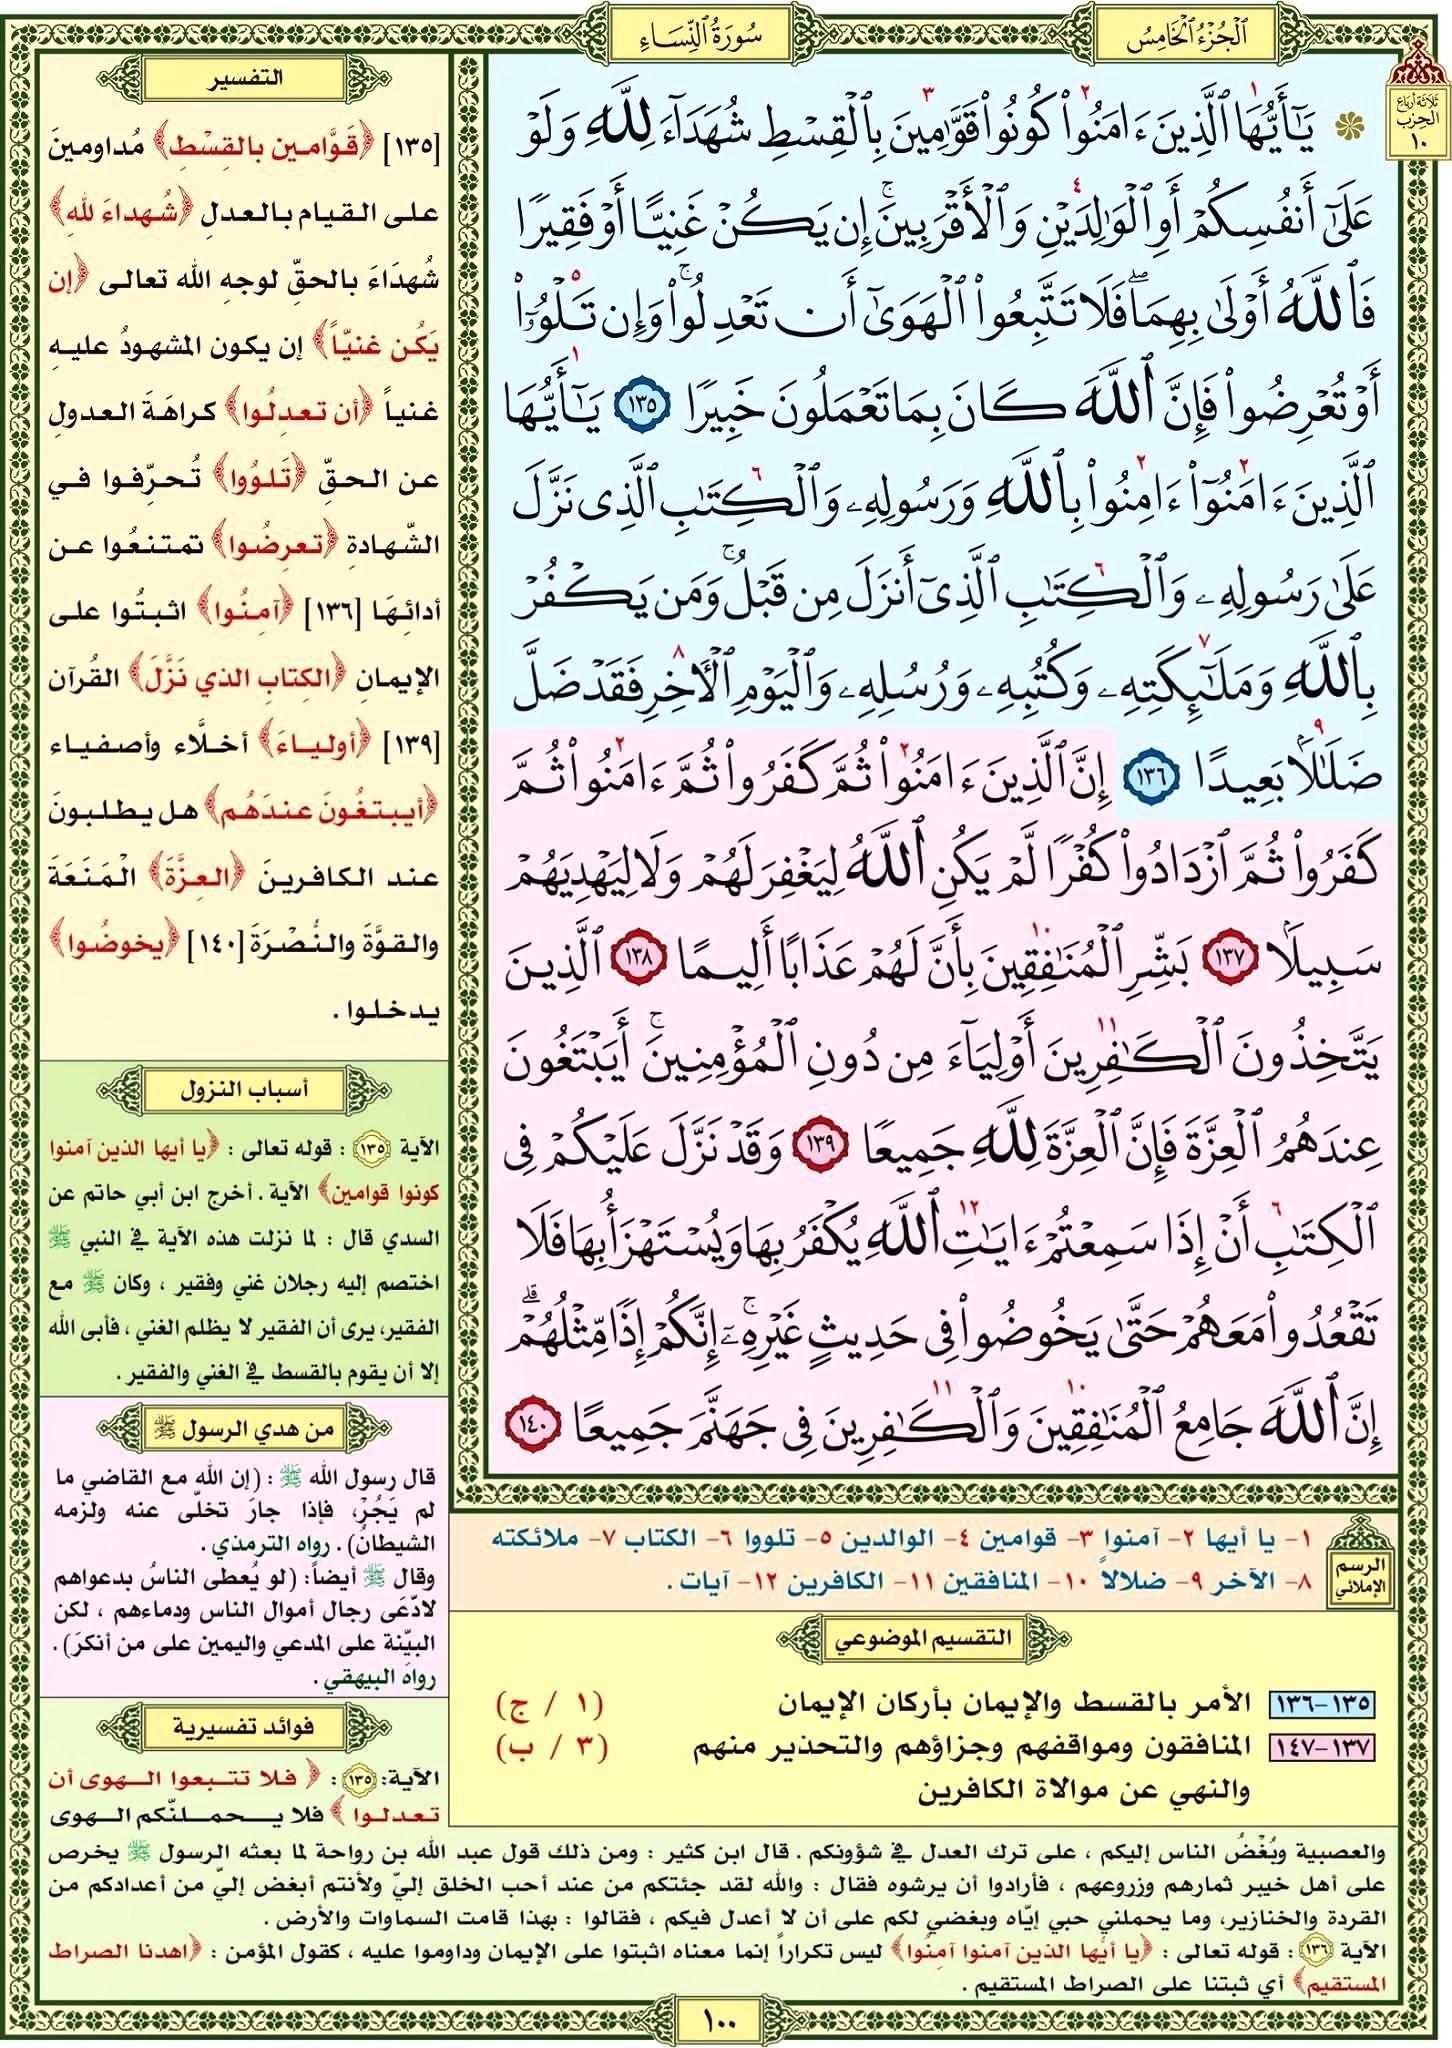 سورة النساء صفحة رقم ١٠٠ مصحف التقسيم الموضوعي للحافظ المتقن Quran Verses Verses Islam Quran